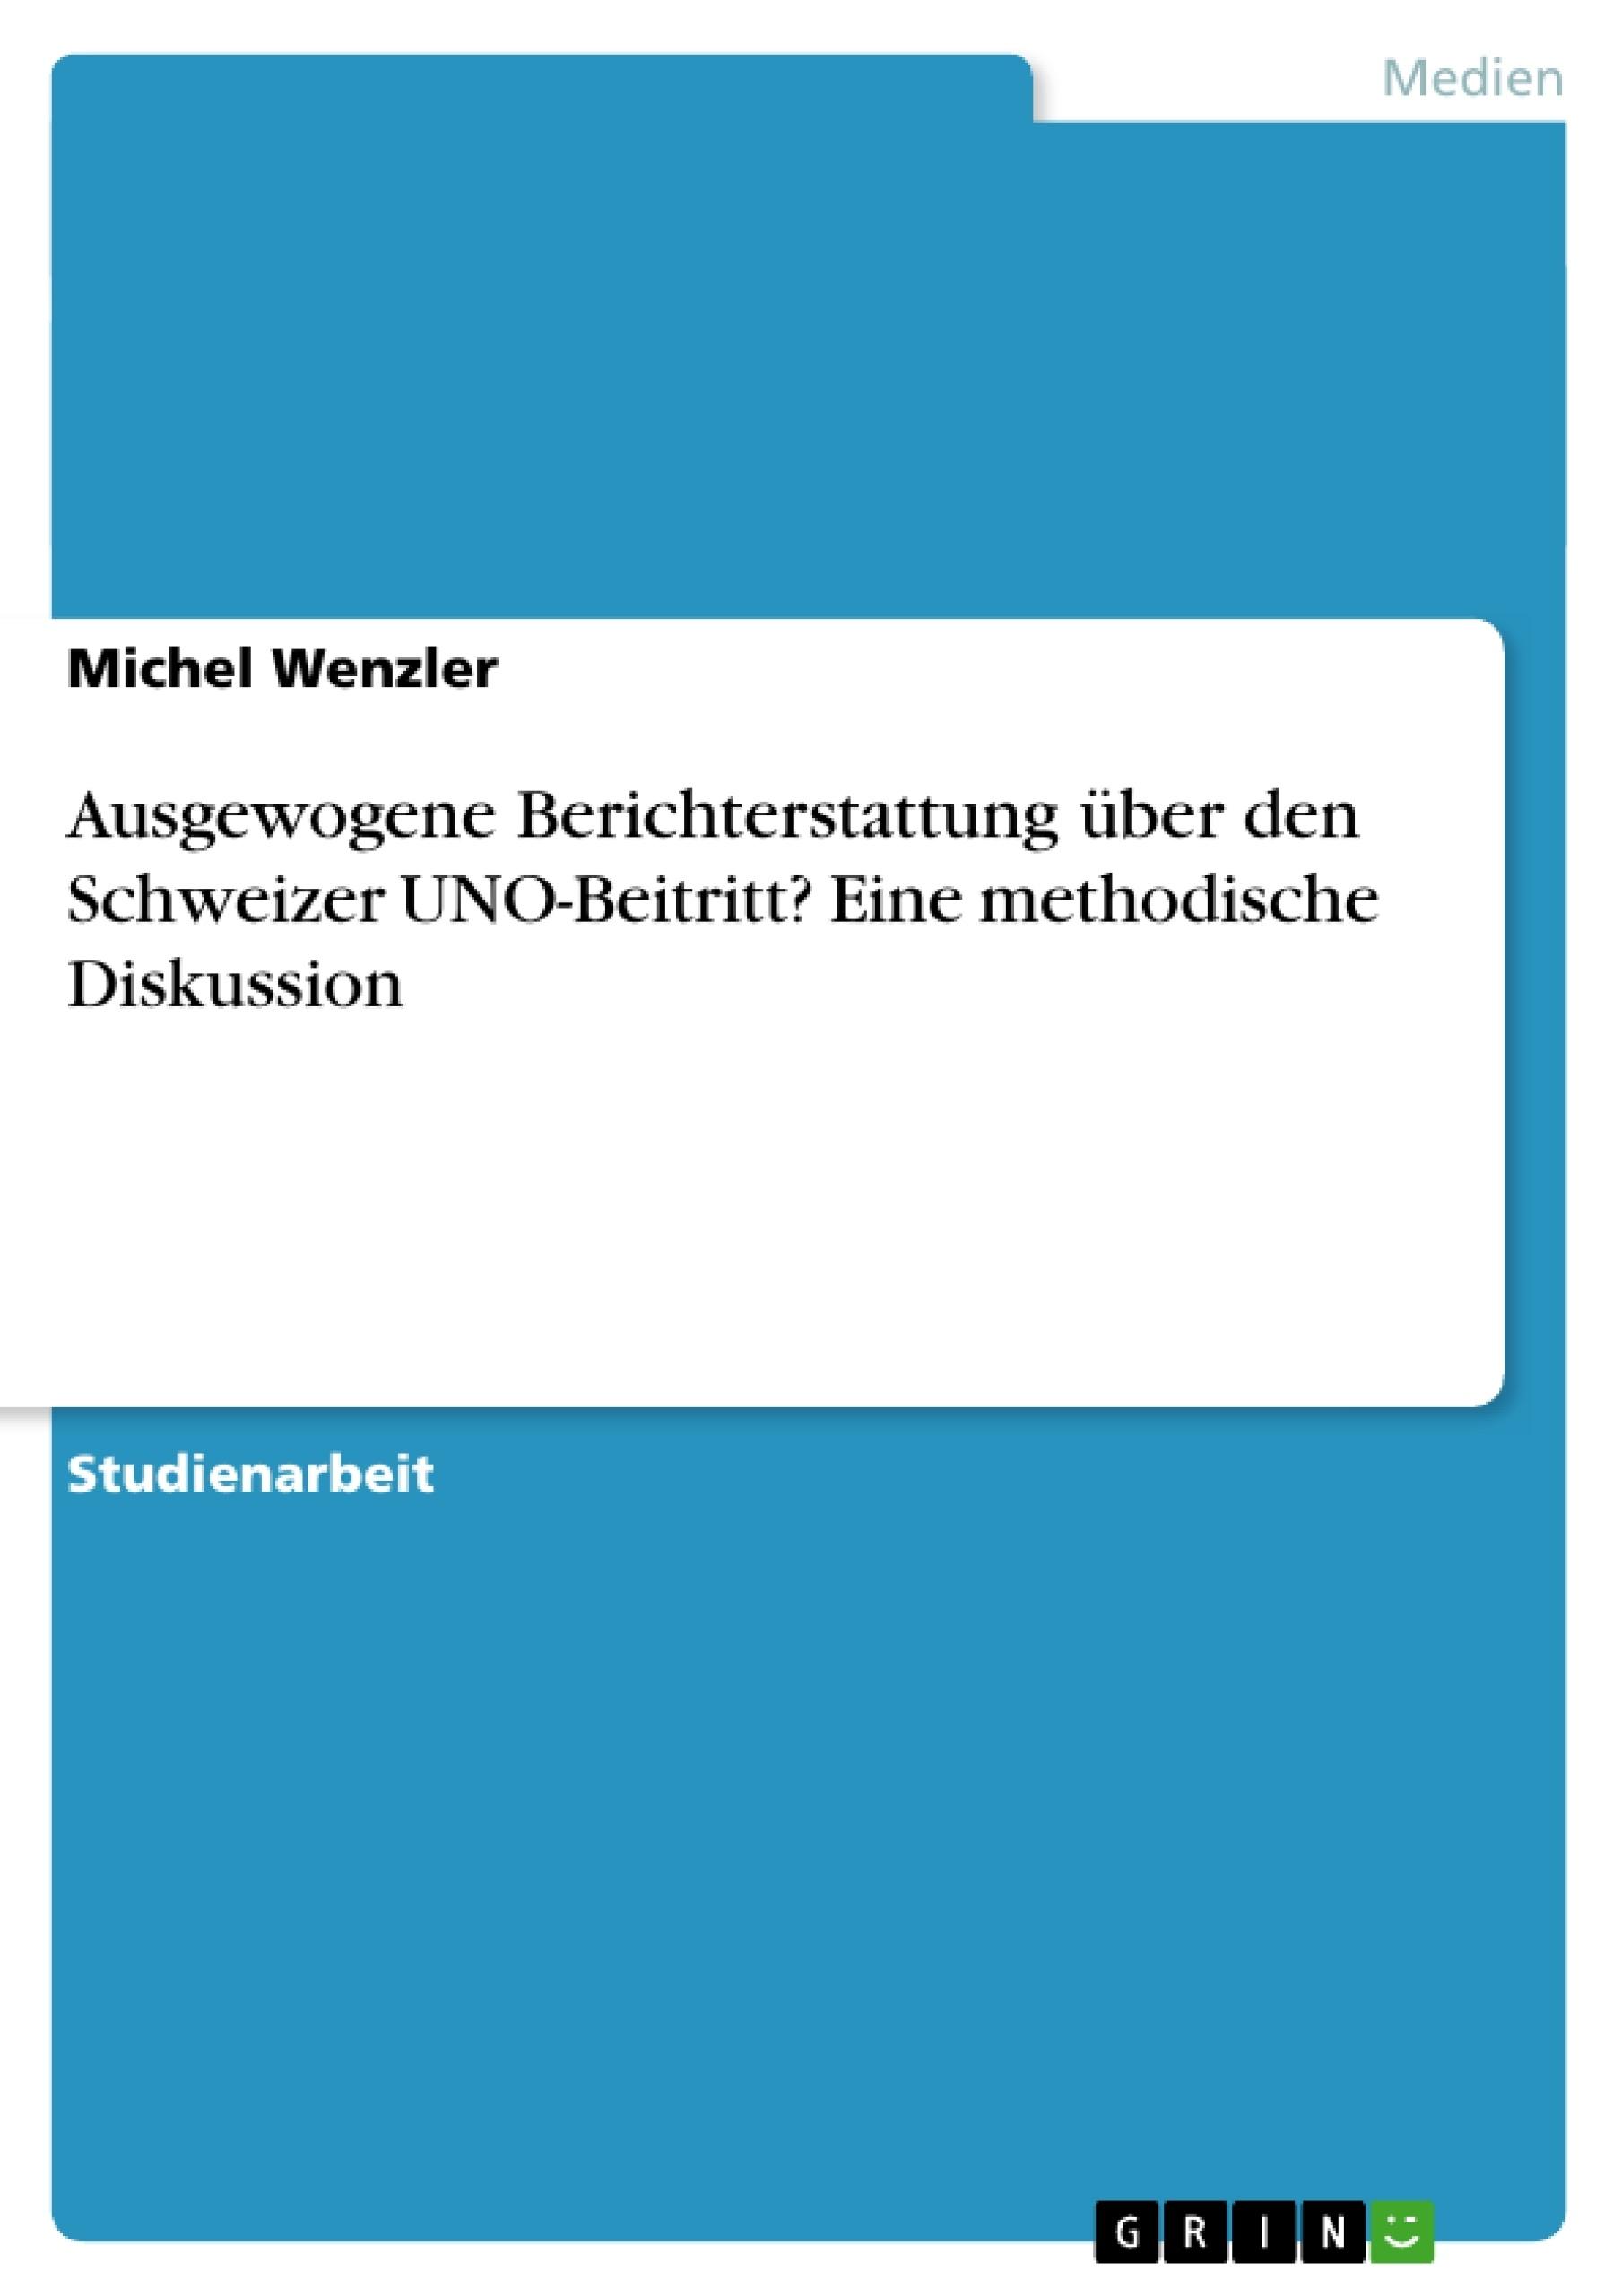 Titel: Ausgewogene Berichterstattung über den Schweizer UNO-Beitritt? Eine methodische Diskussion